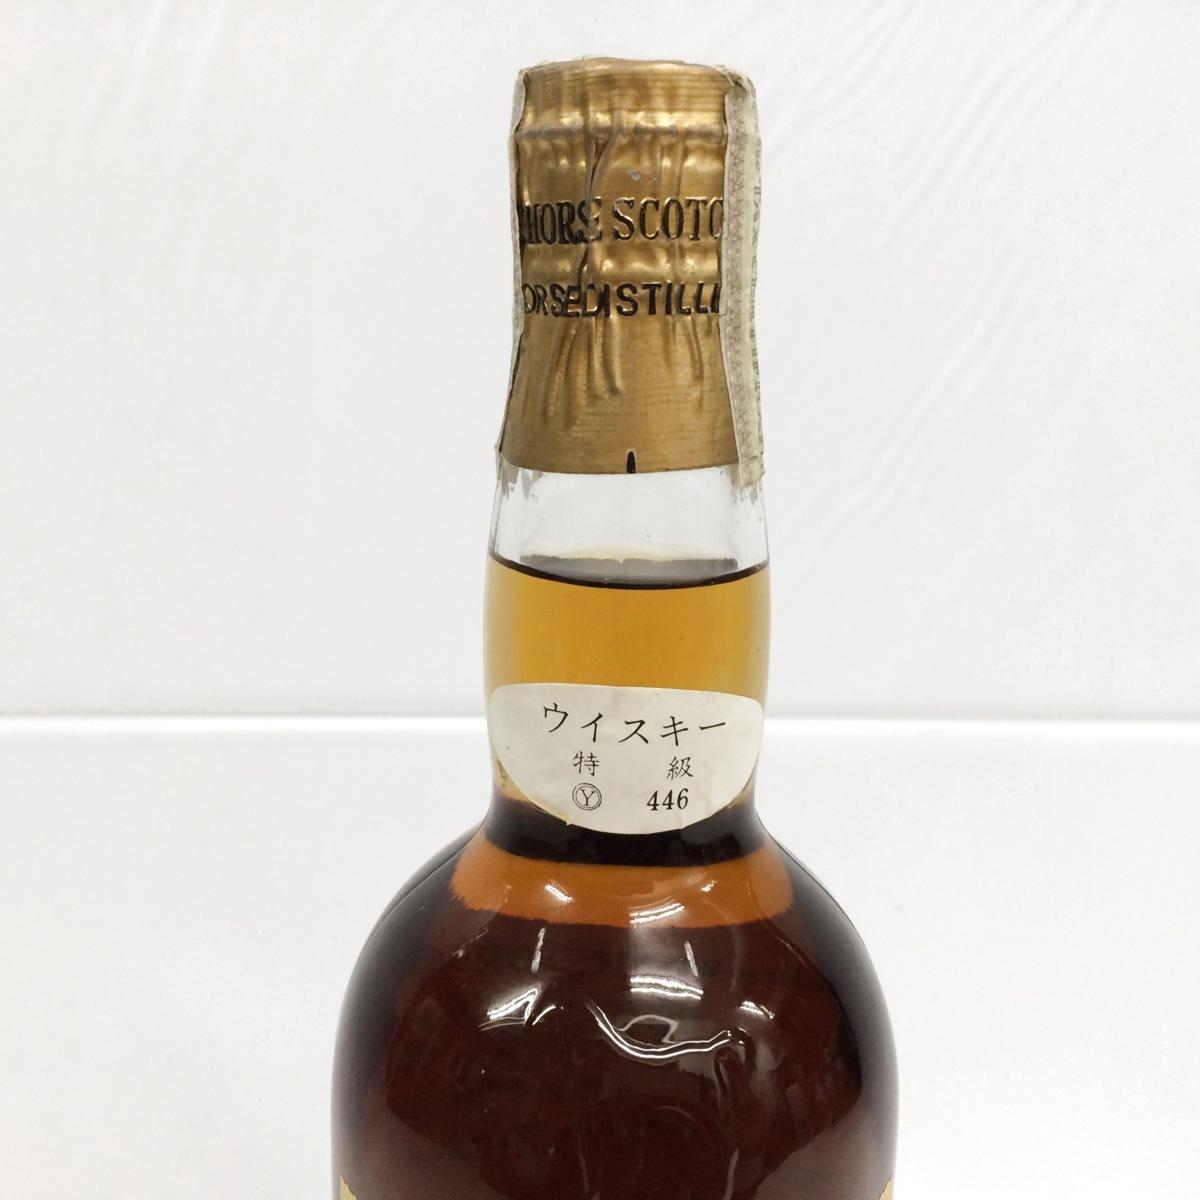 7-1973古酒・未開栓 ホワイトホース ヴィンテージ ティンキャップ スコッチウィスキー 760ml 43%特級 セラー表記_画像3